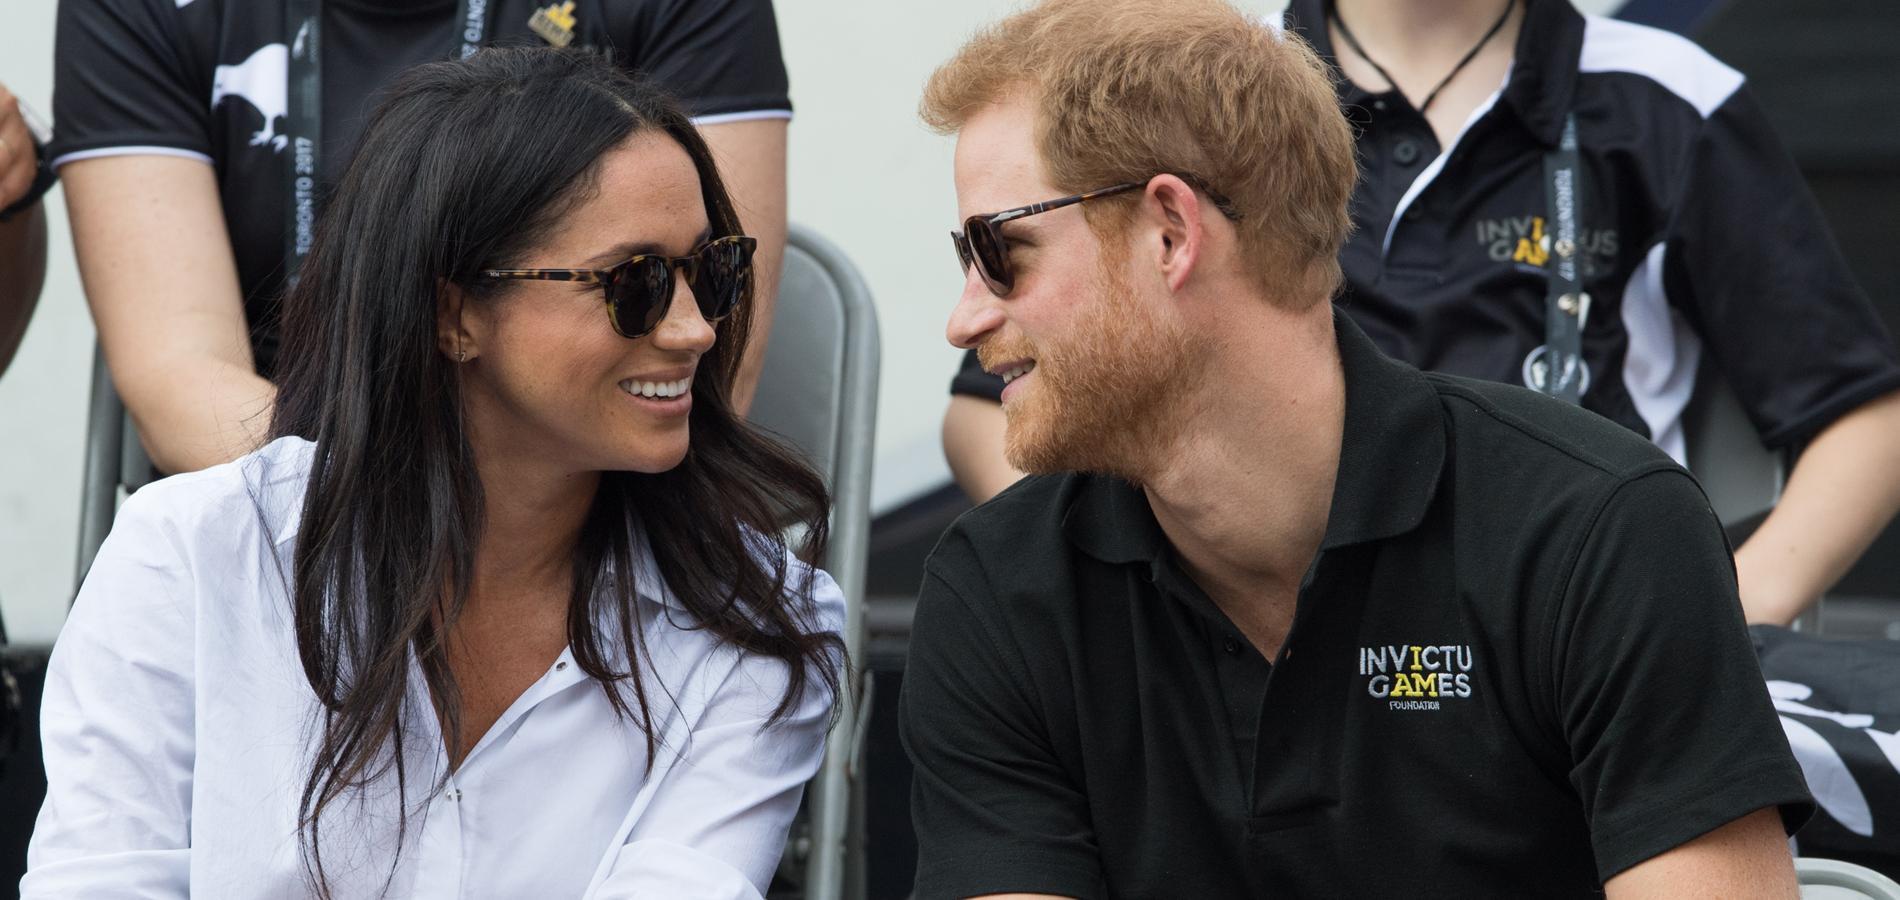 C'est officiel, le prince Harry et Meghan Markle vont se marier